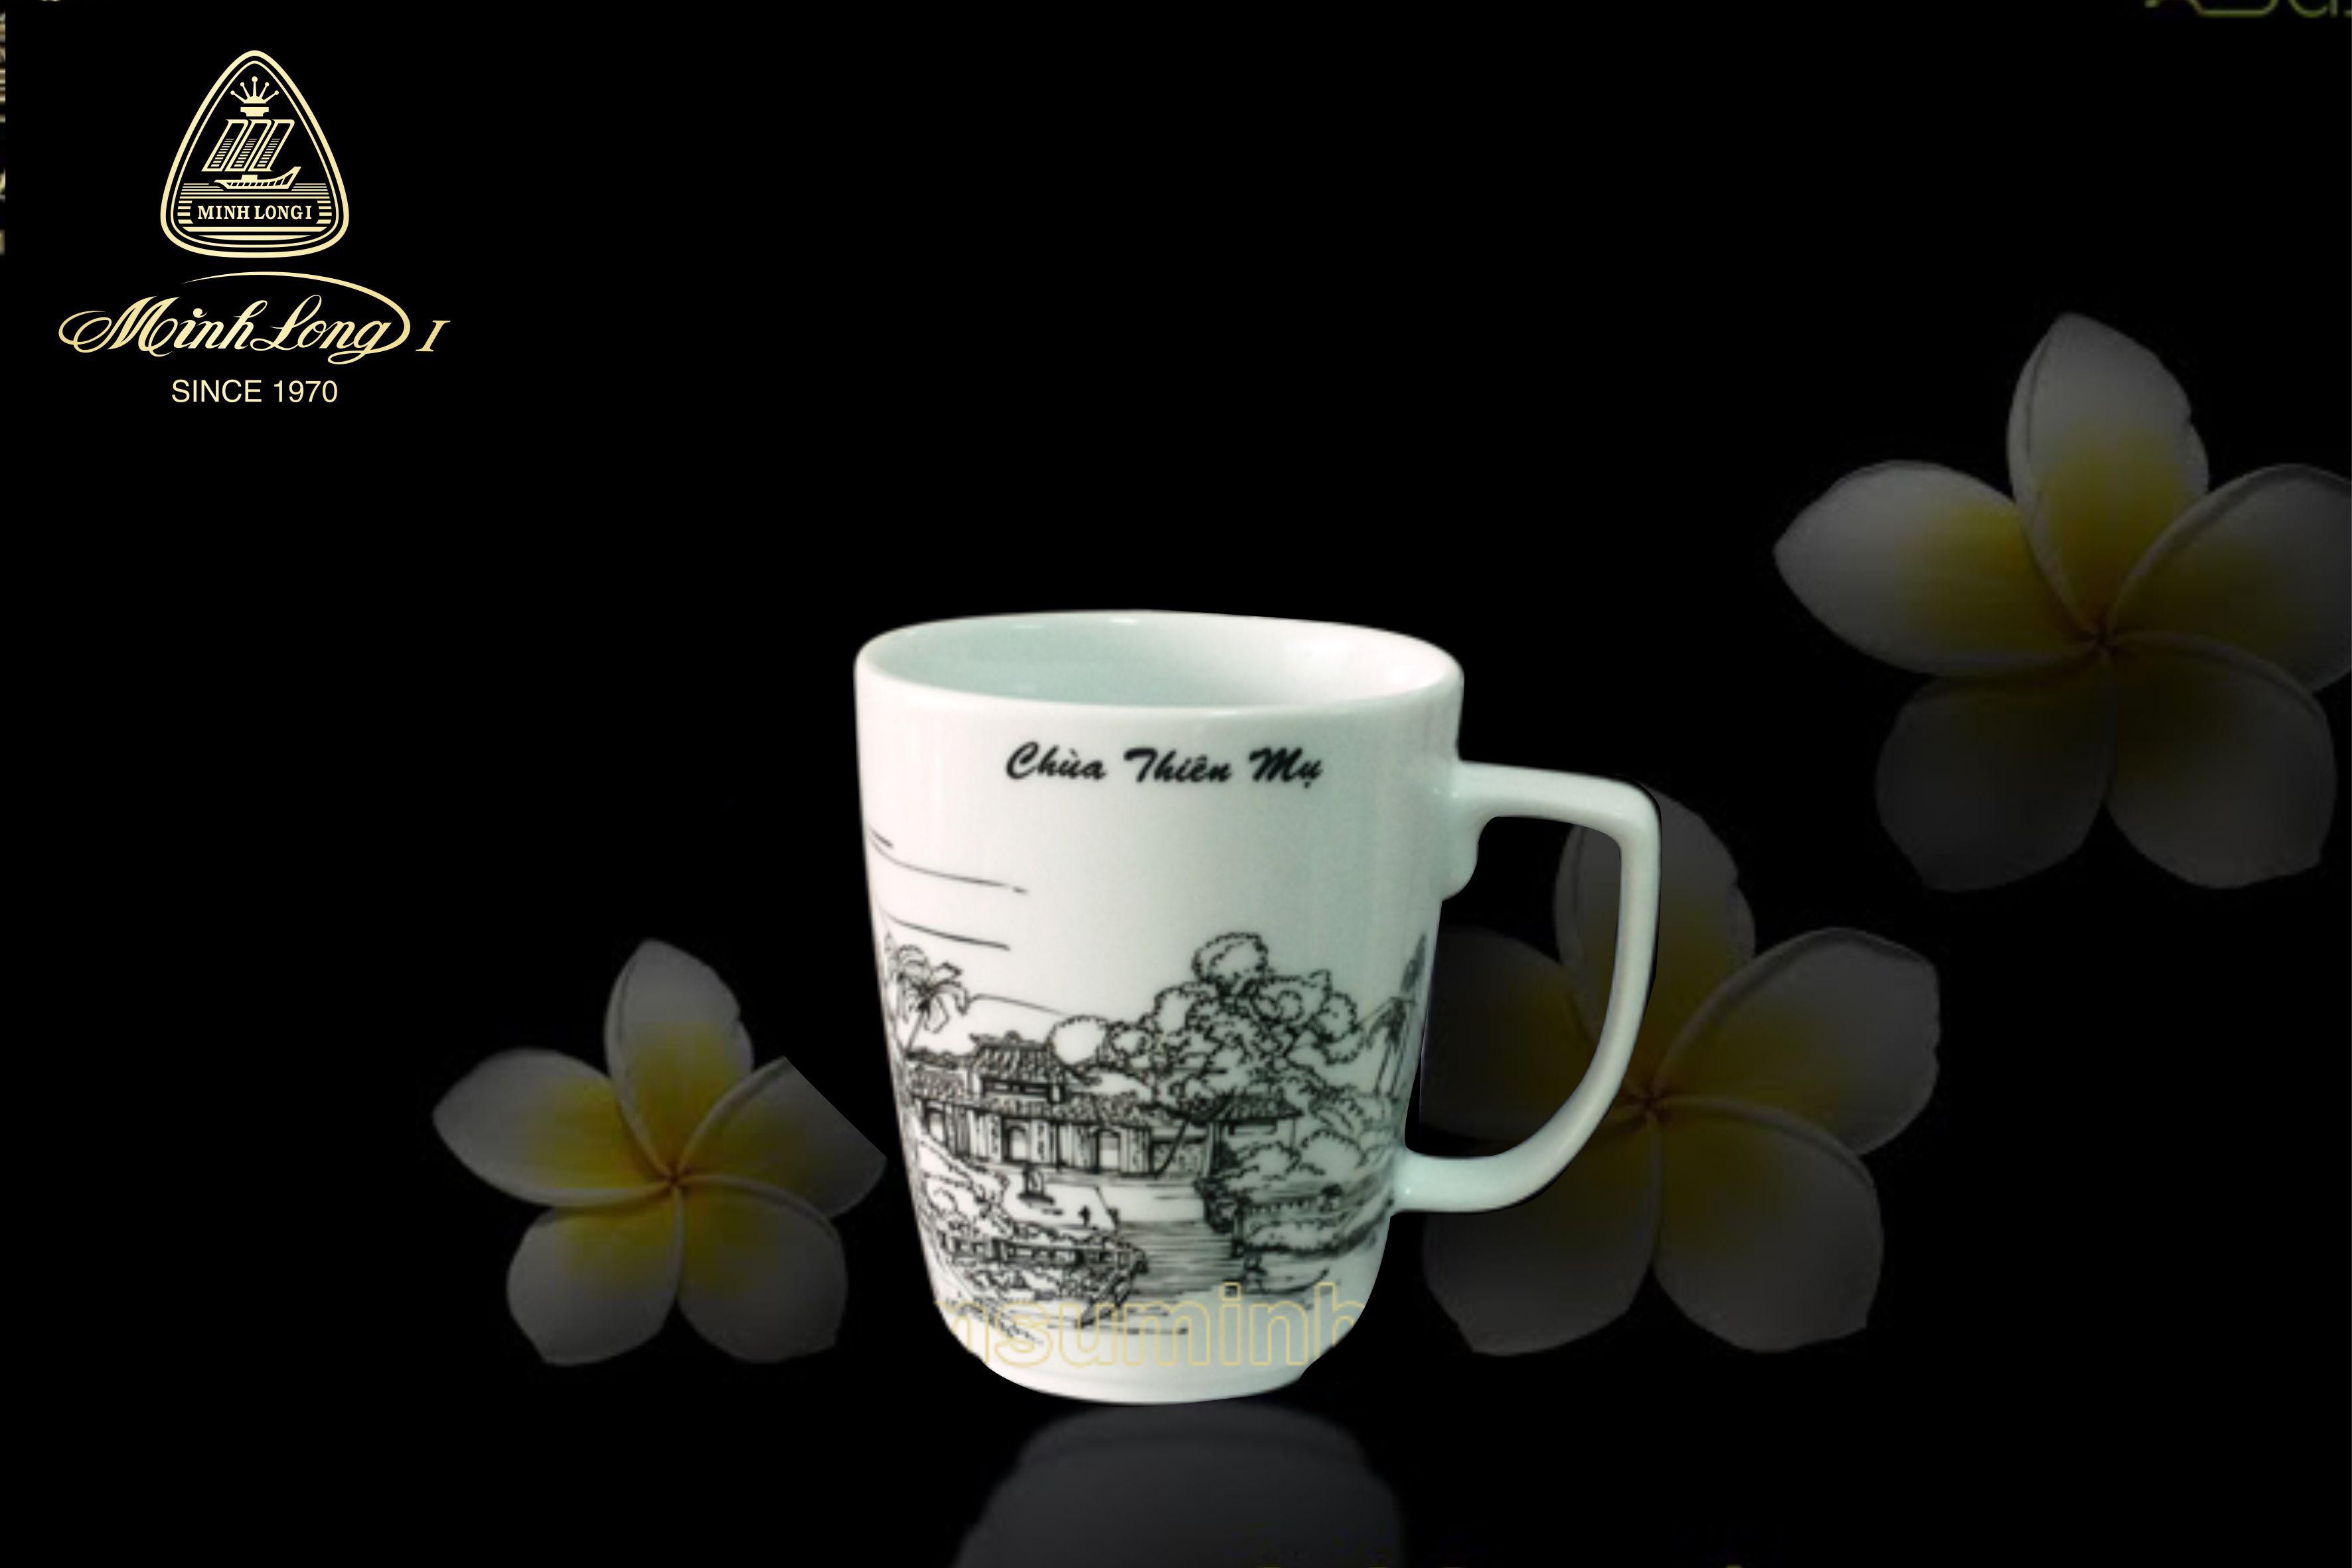 Ca trà 0.36L Vuông T Chùa Thiên Mụ 153635355 Minh Long